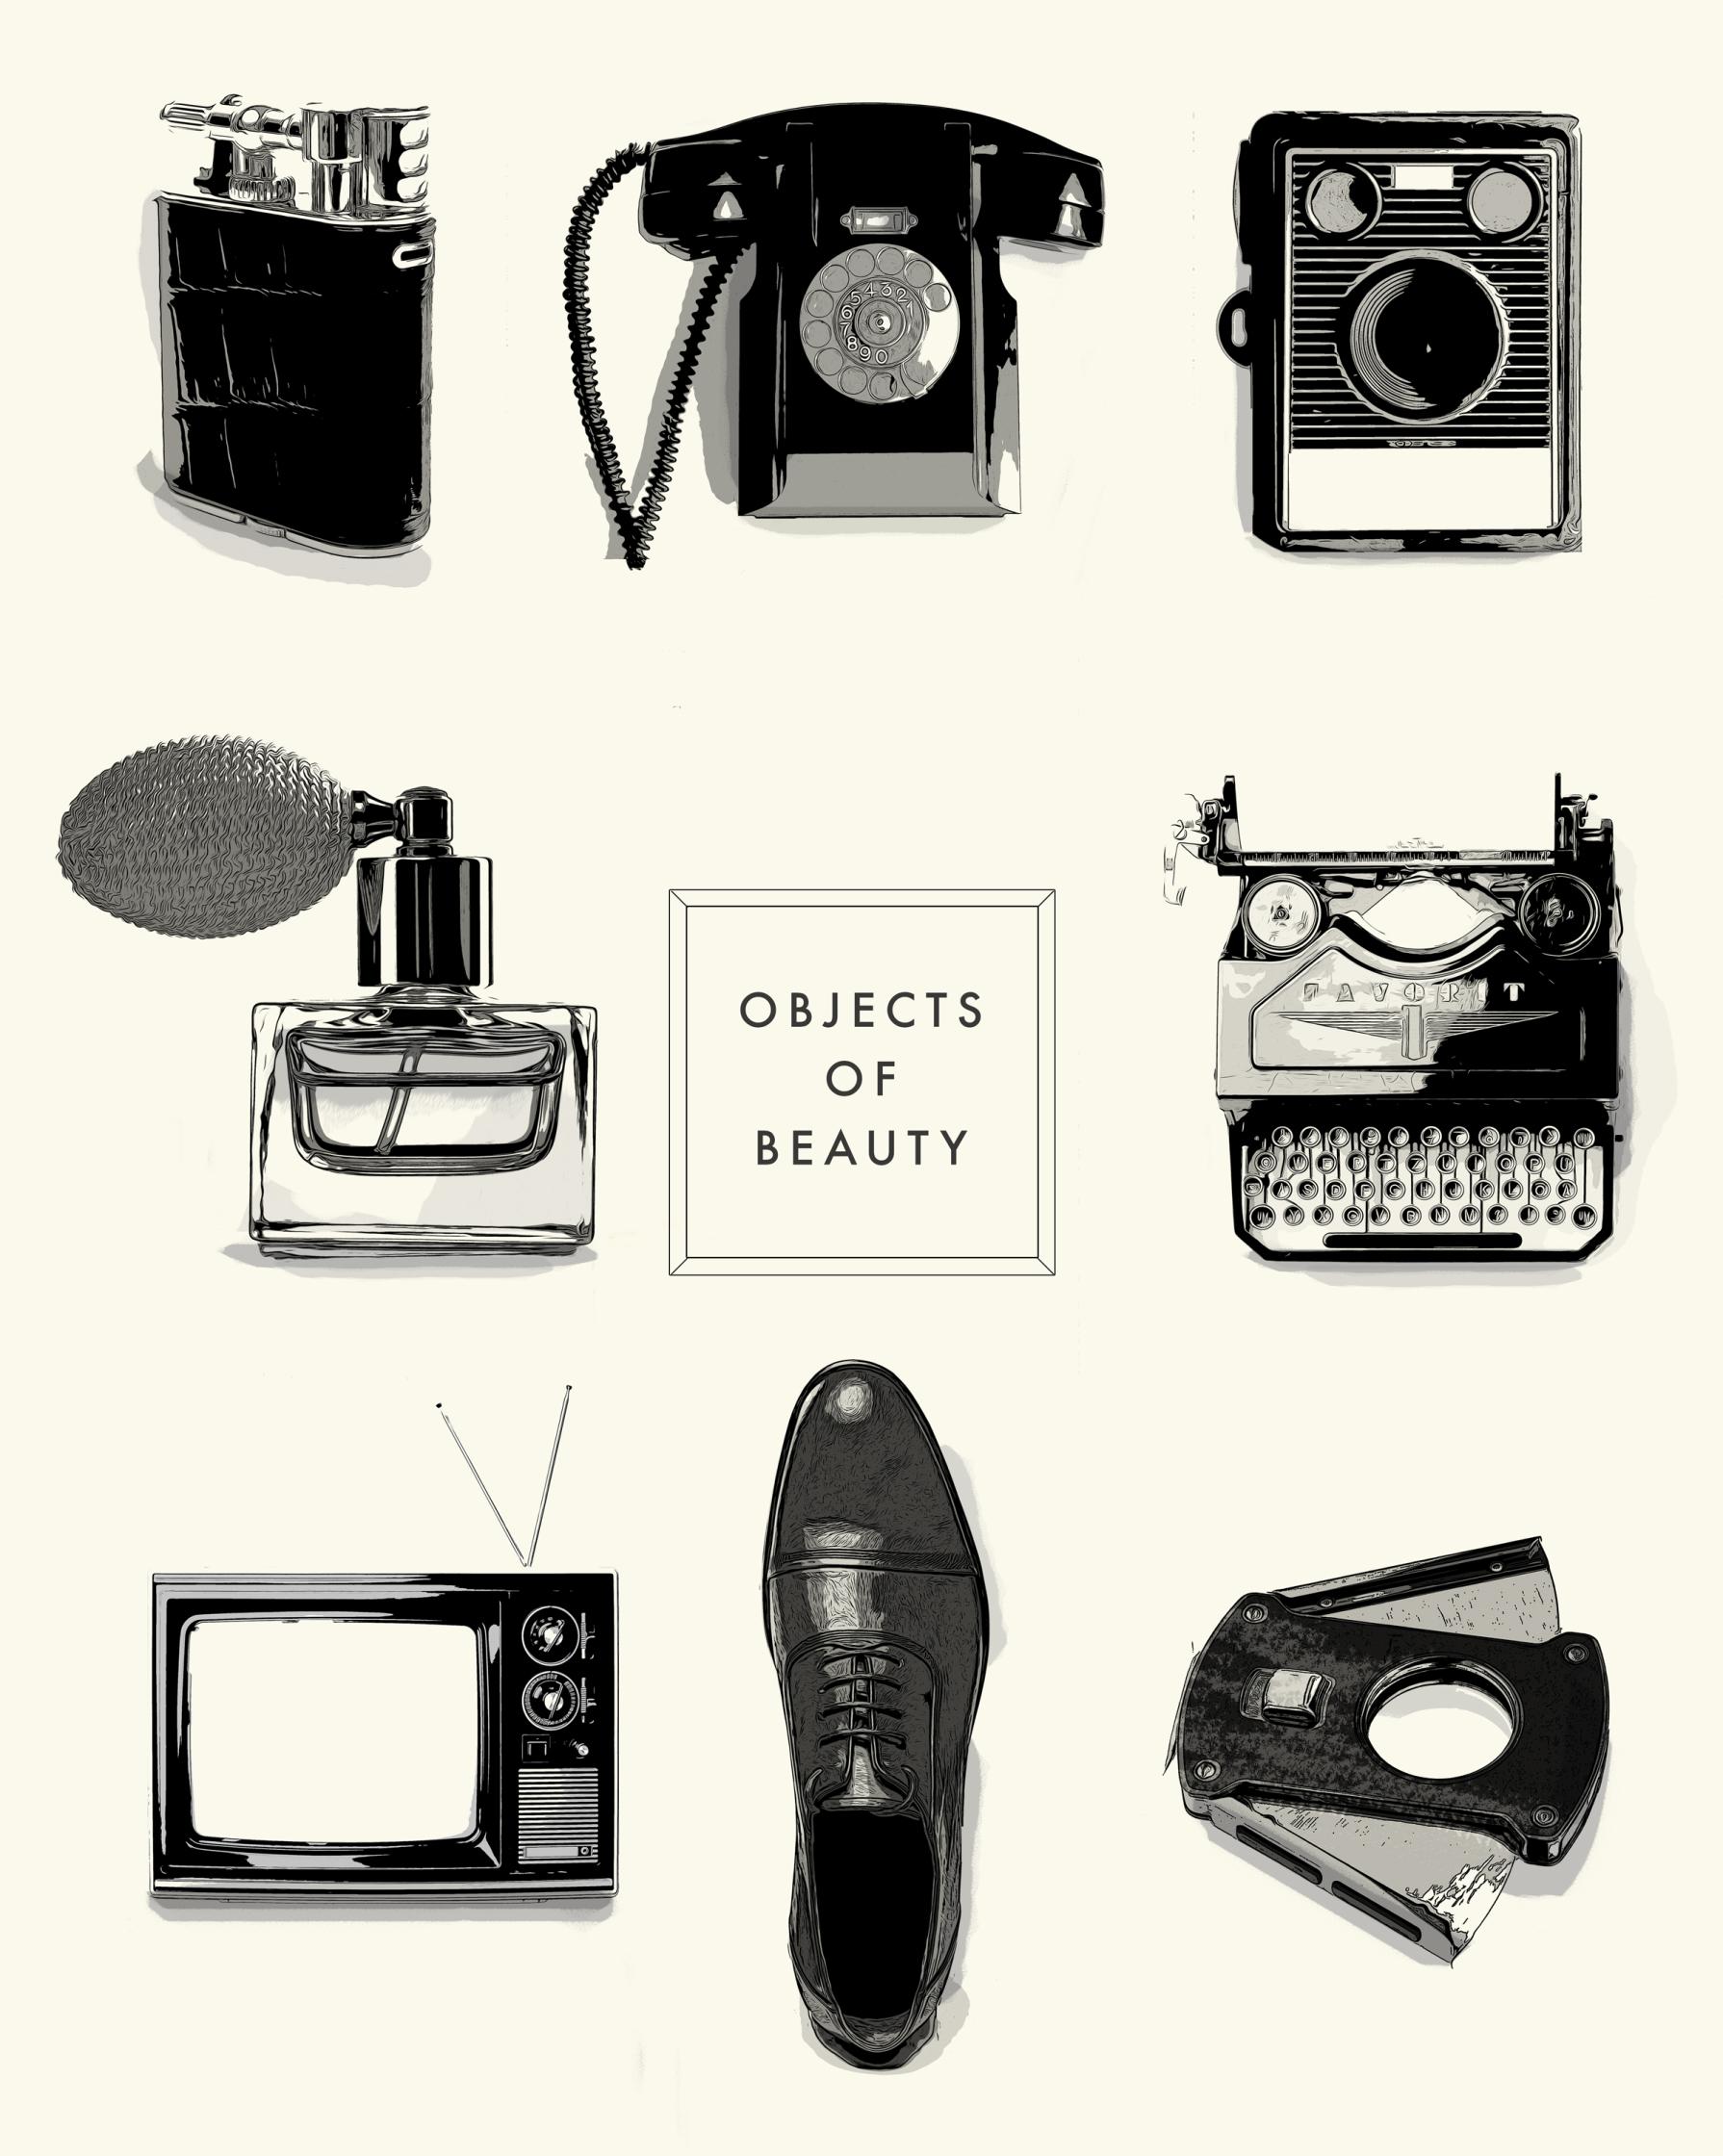 Objects of Beauty